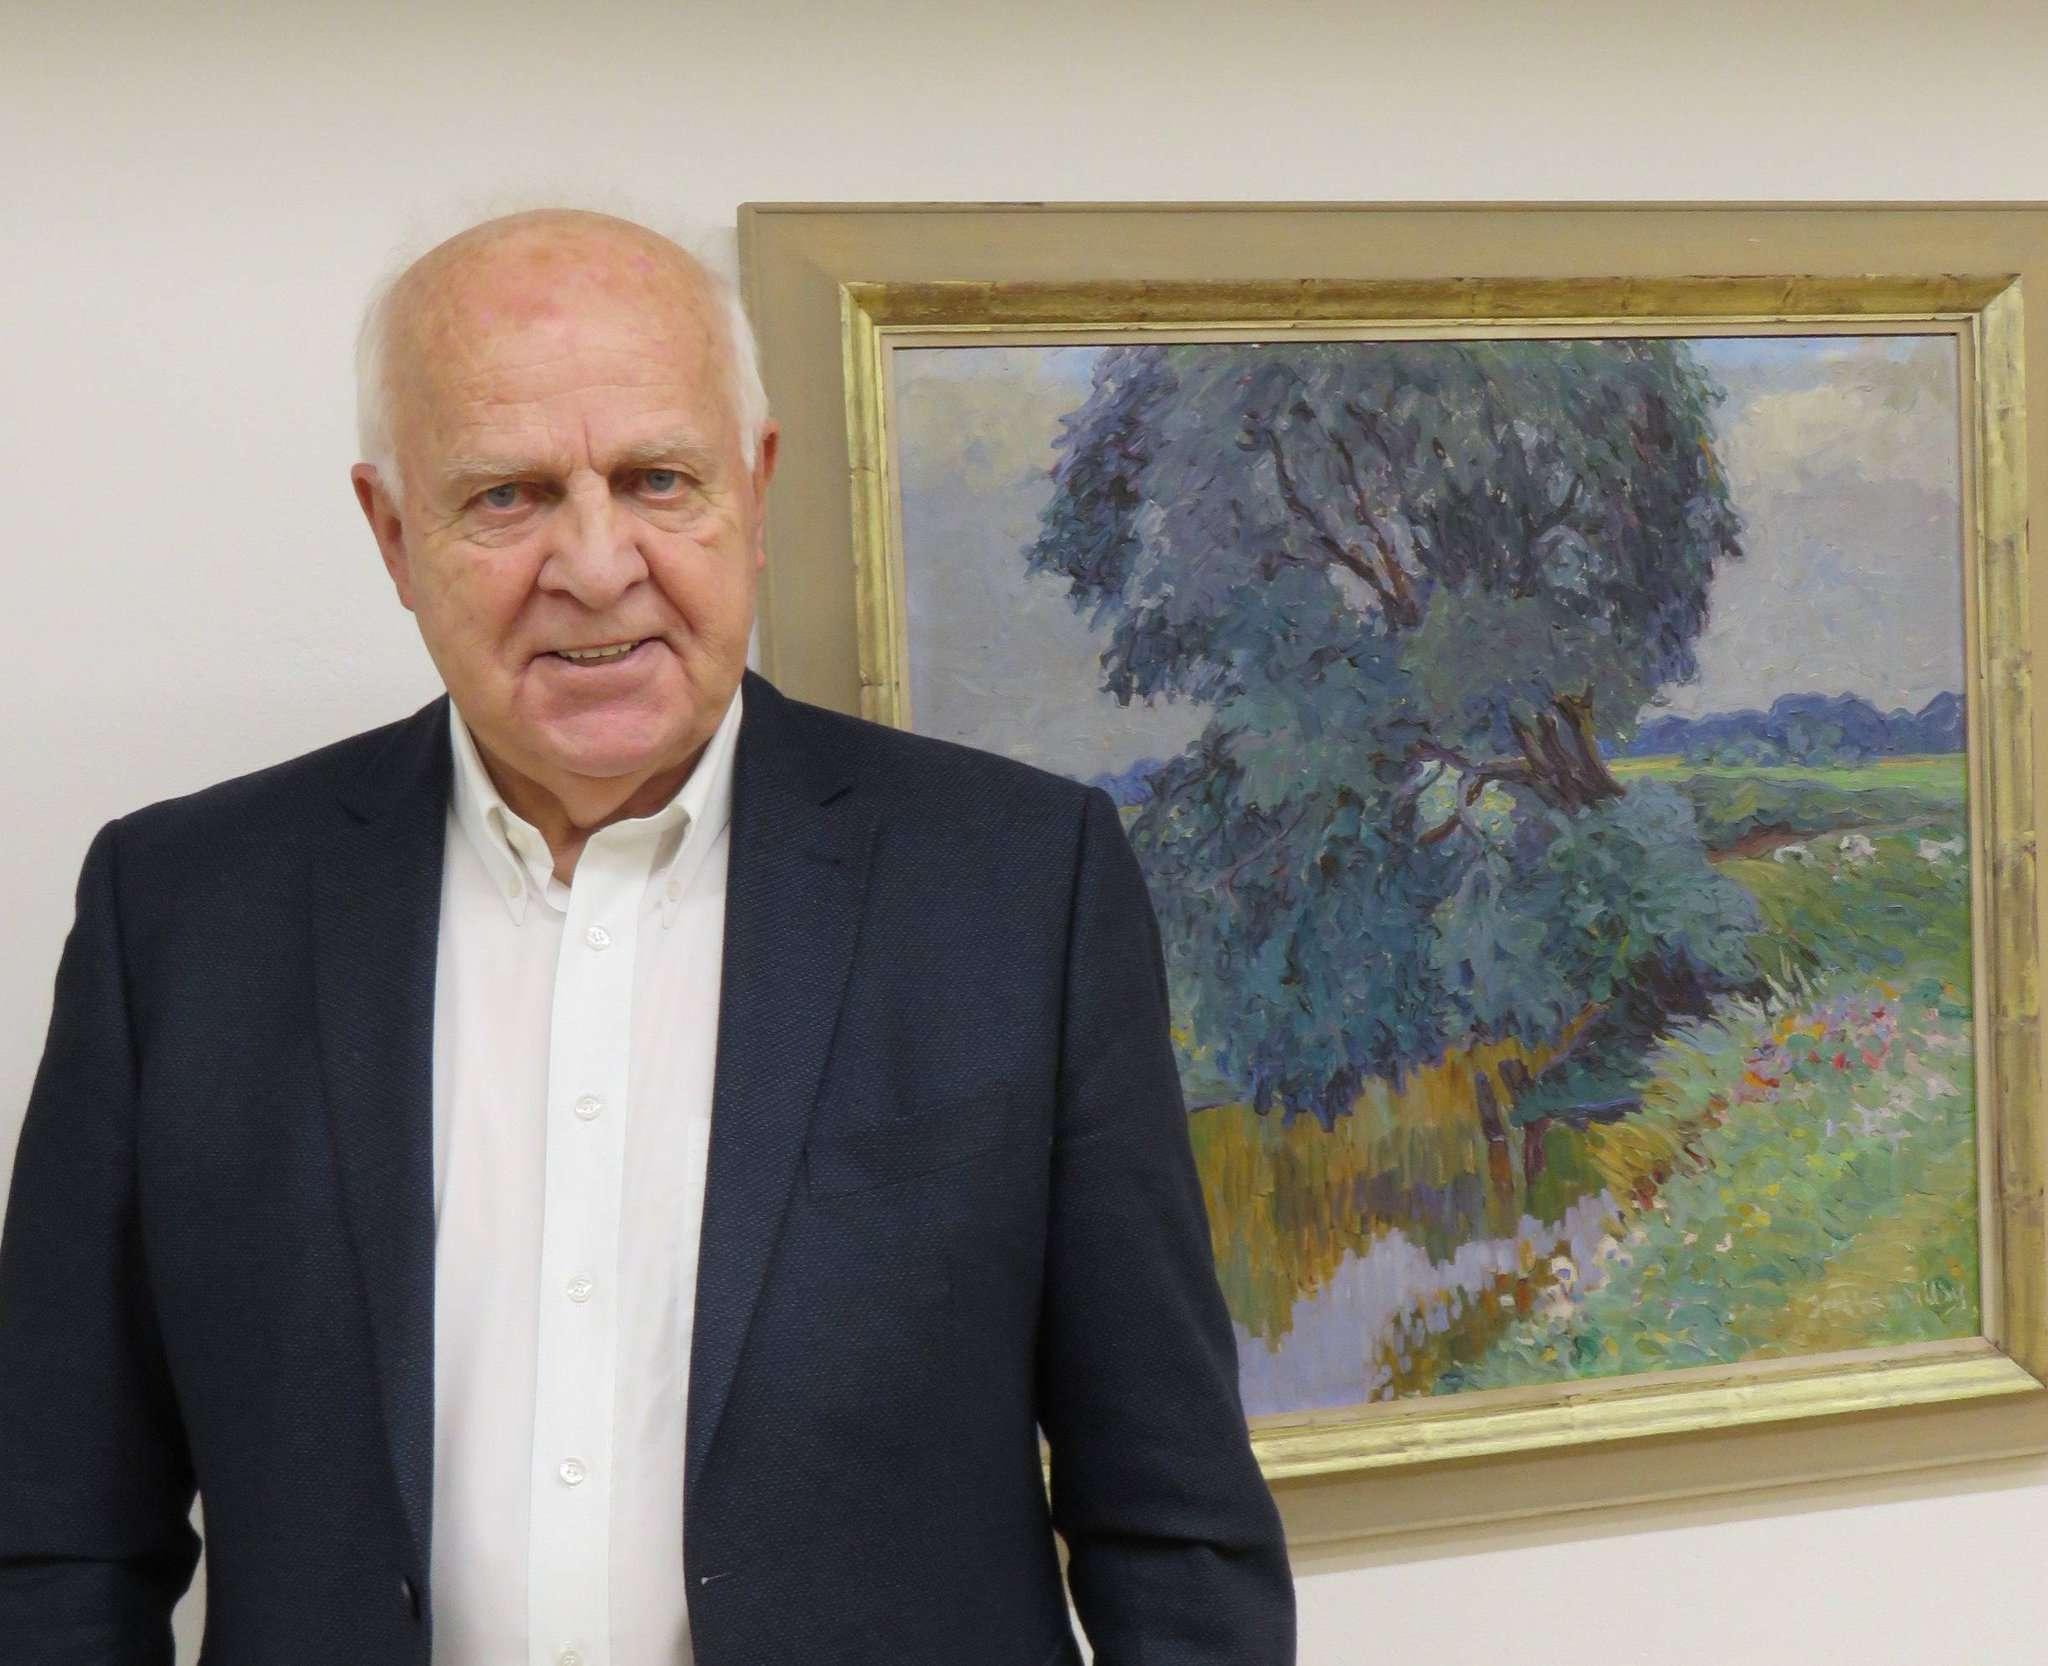 Karl-Günther Hintmann zeigt eine Auswahl seiner Bildersammlung im großen Galerieraum im Buthmanns Hof.  Foto: Elke Keppler-Rosenau